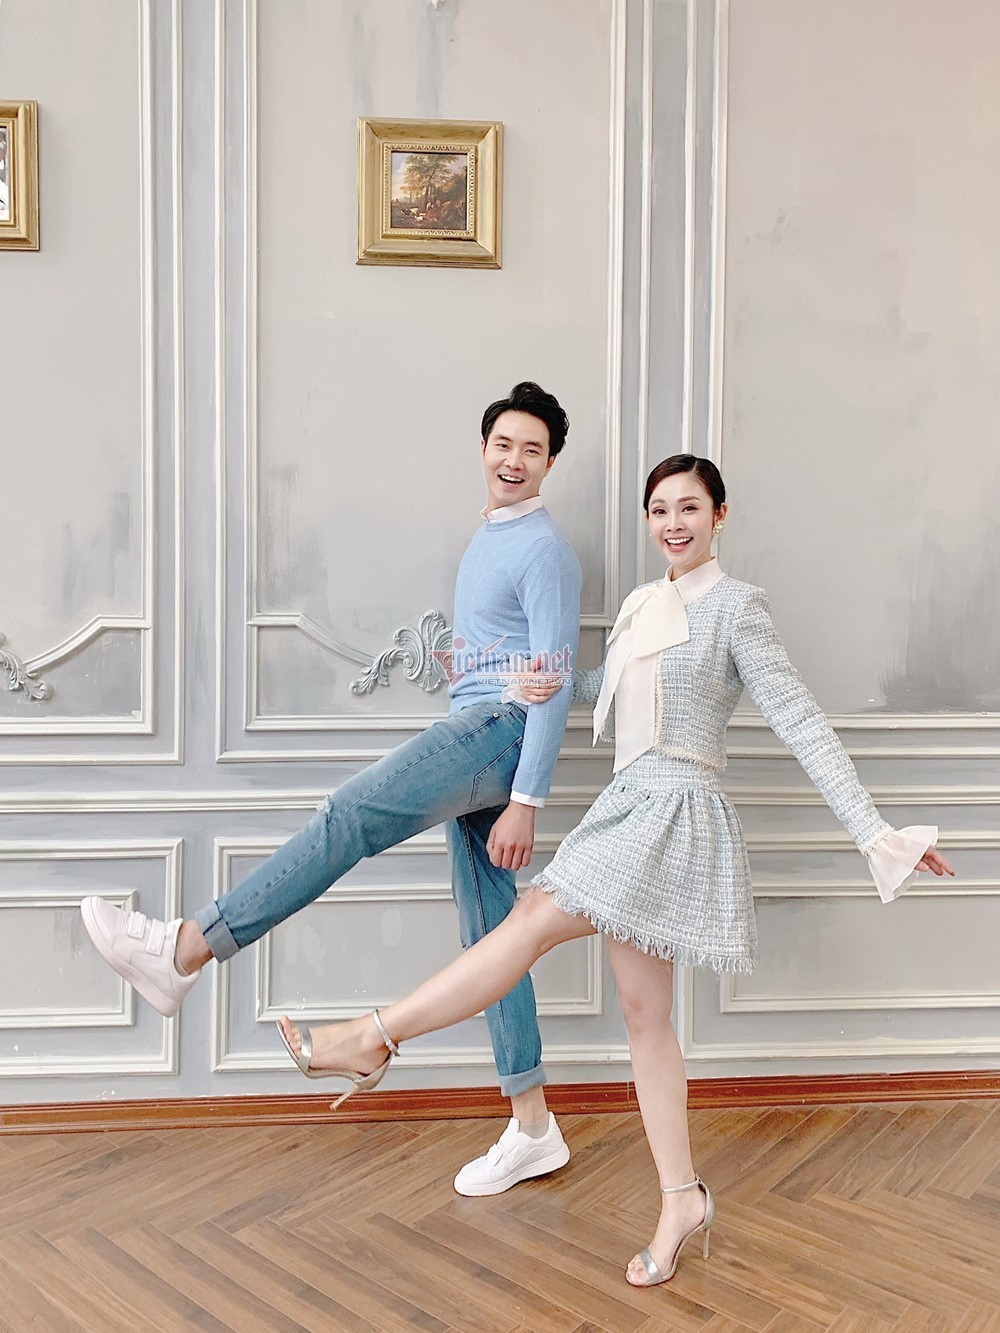 Hậu trường ảnh cưới của MC Thùy Linh và diễn viên Hiếu Su